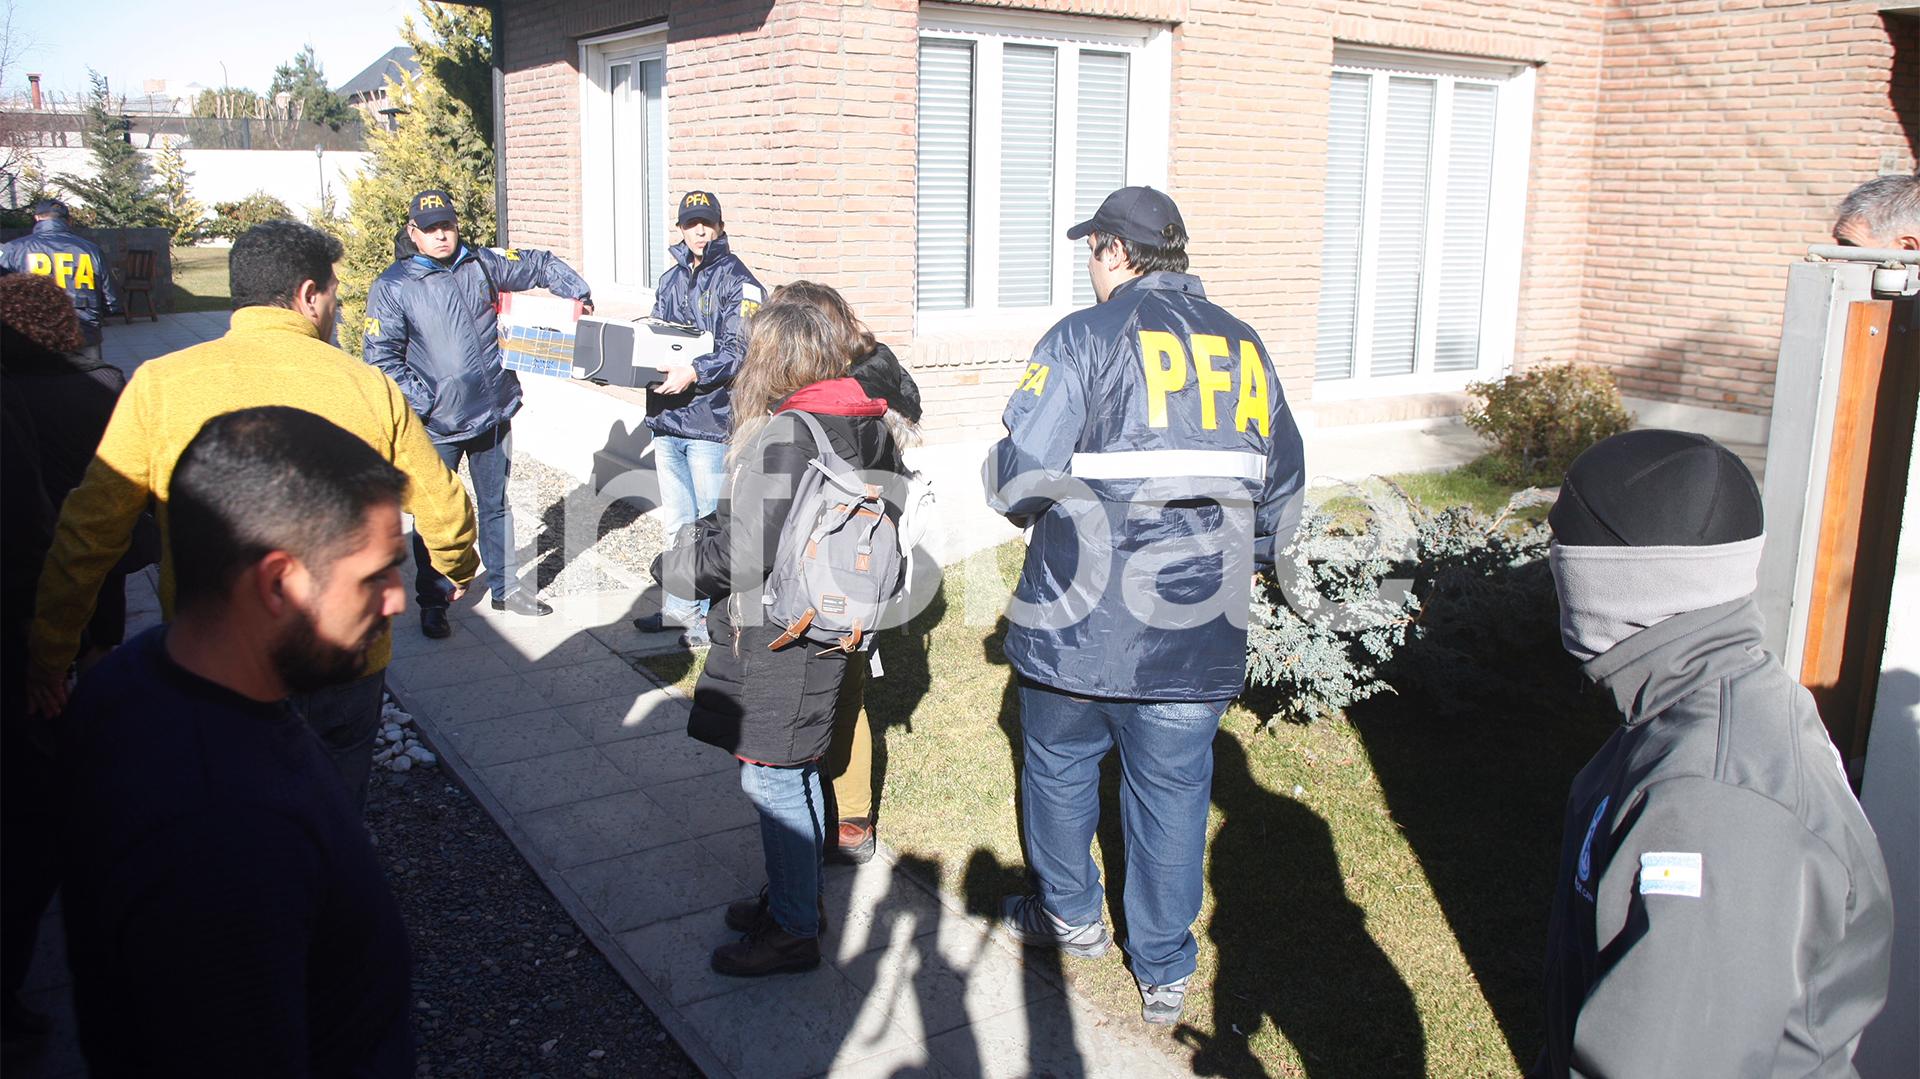 El allanamiento en la casa de Río Gallegos empezó un poco más tarde que el de Recoleta y terminó varias horas antes